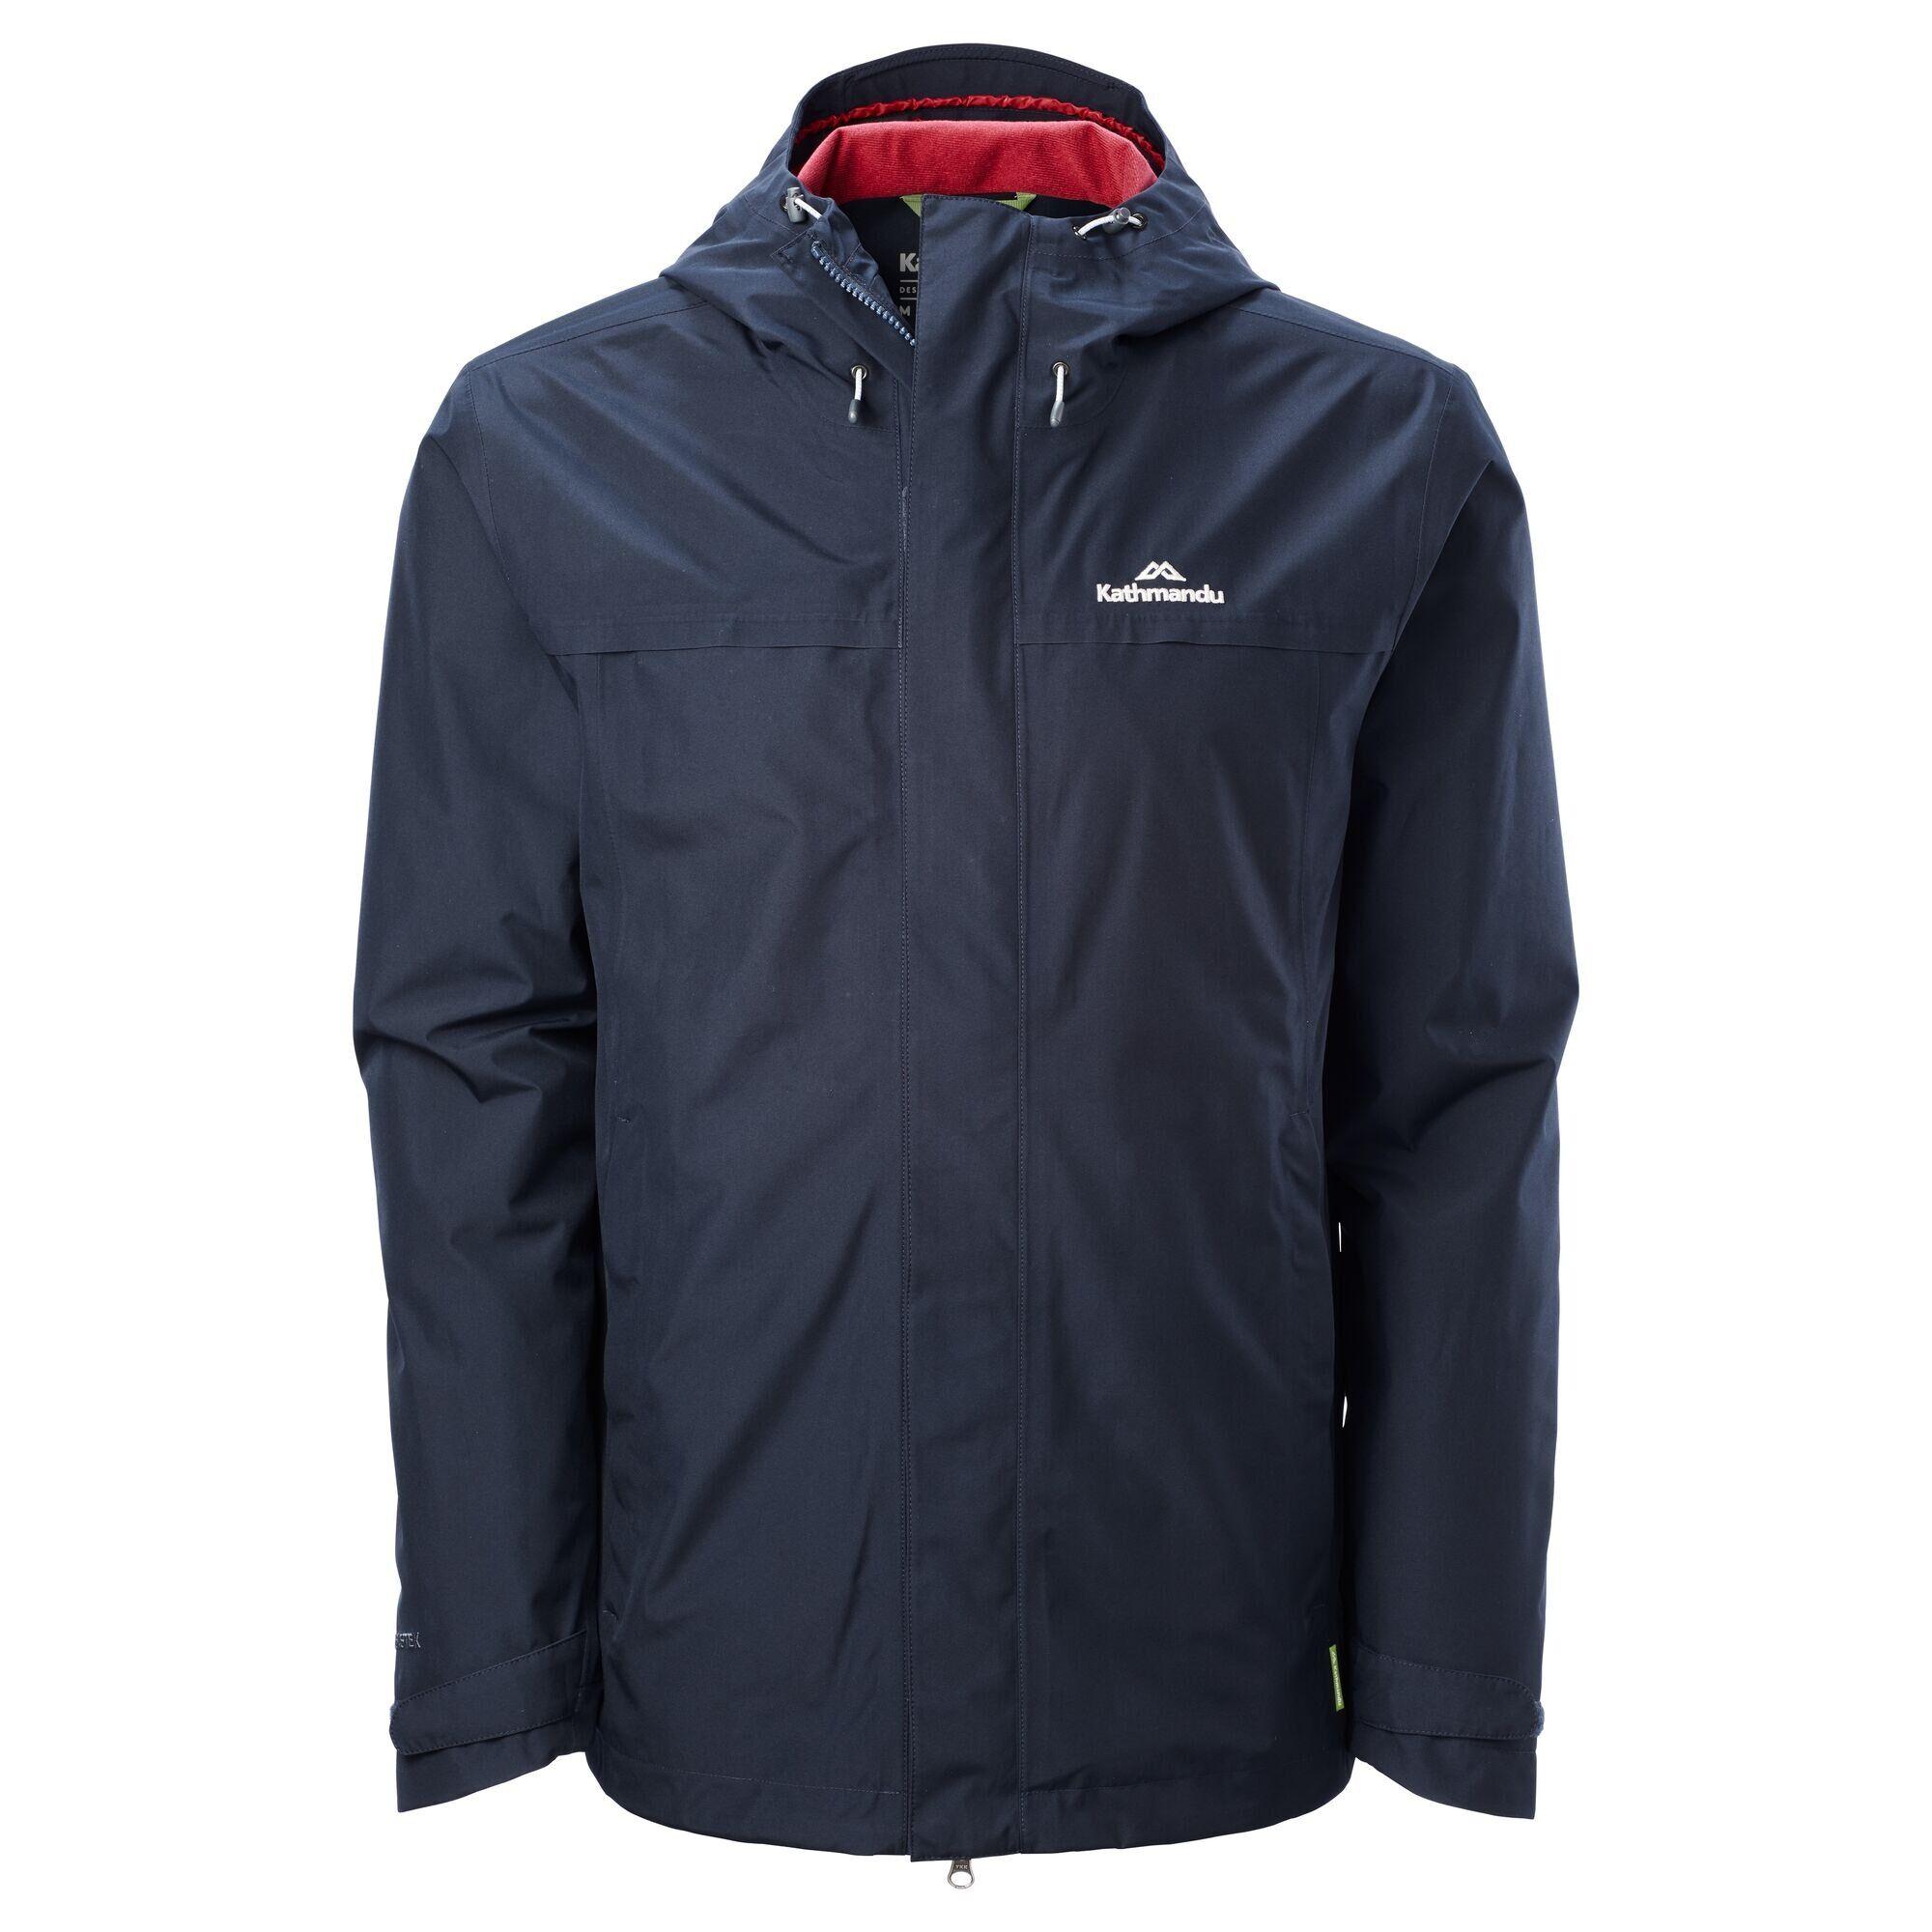 Kathmandu Bealey Men's GORE-TEX Jacket  - Midnight Navy - Size: Extra Small